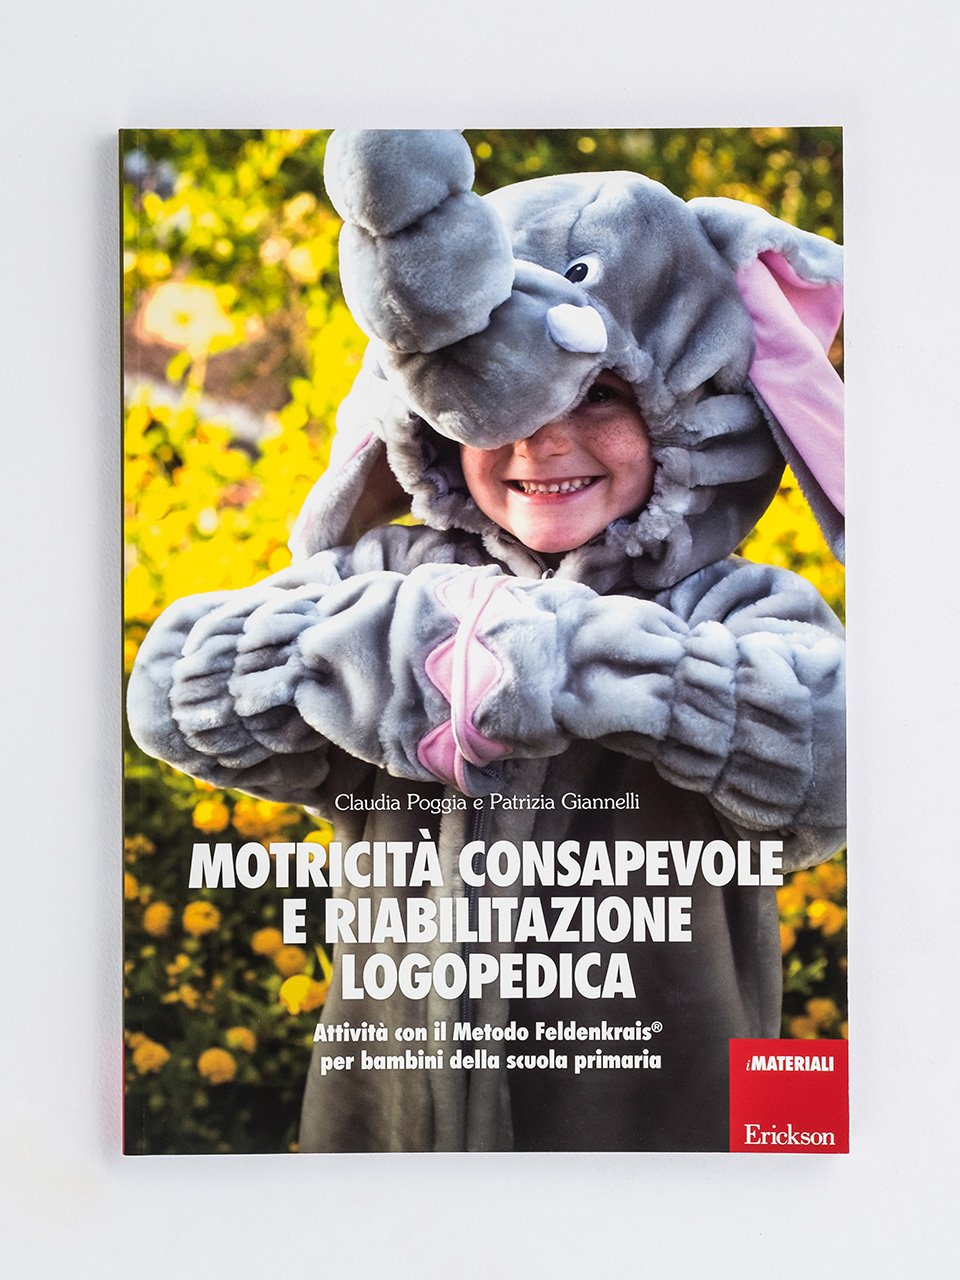 Motricità consapevole e riabilitazione logopedica - Topigno e la giungla da salvare - Libri - Erickson